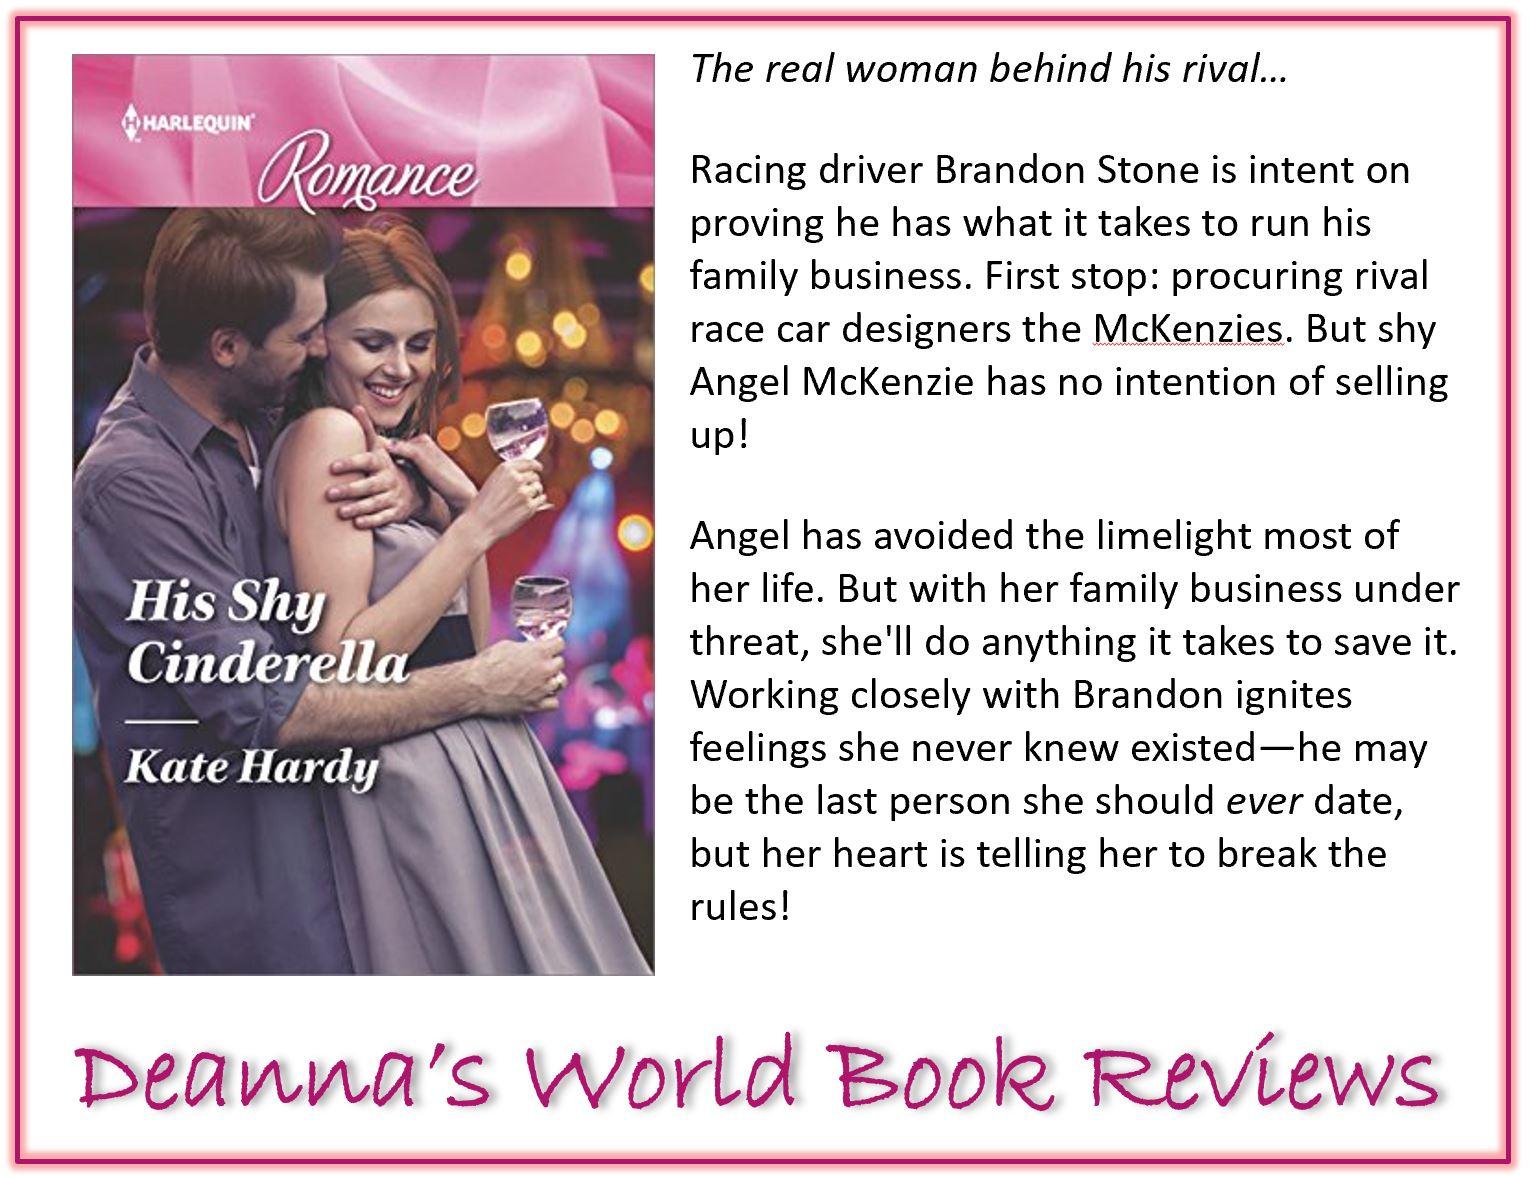 His Shy Cinderella by Kate Hardy blurb